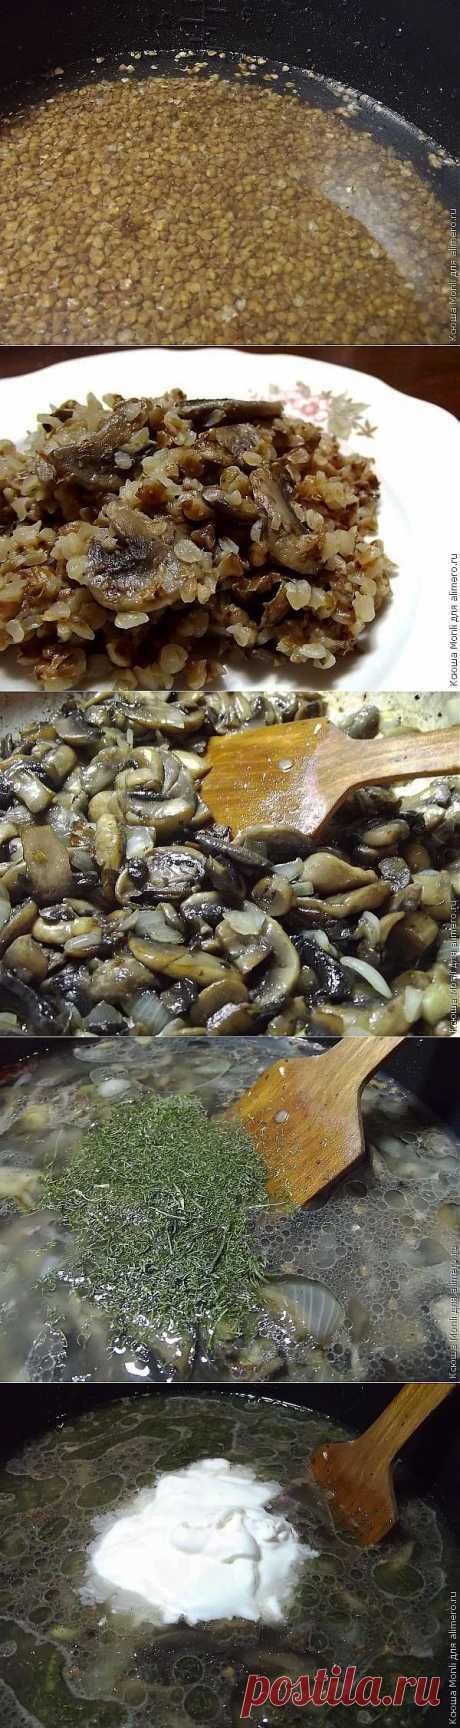 Гречневая каша с грибами / Рецепты с фото